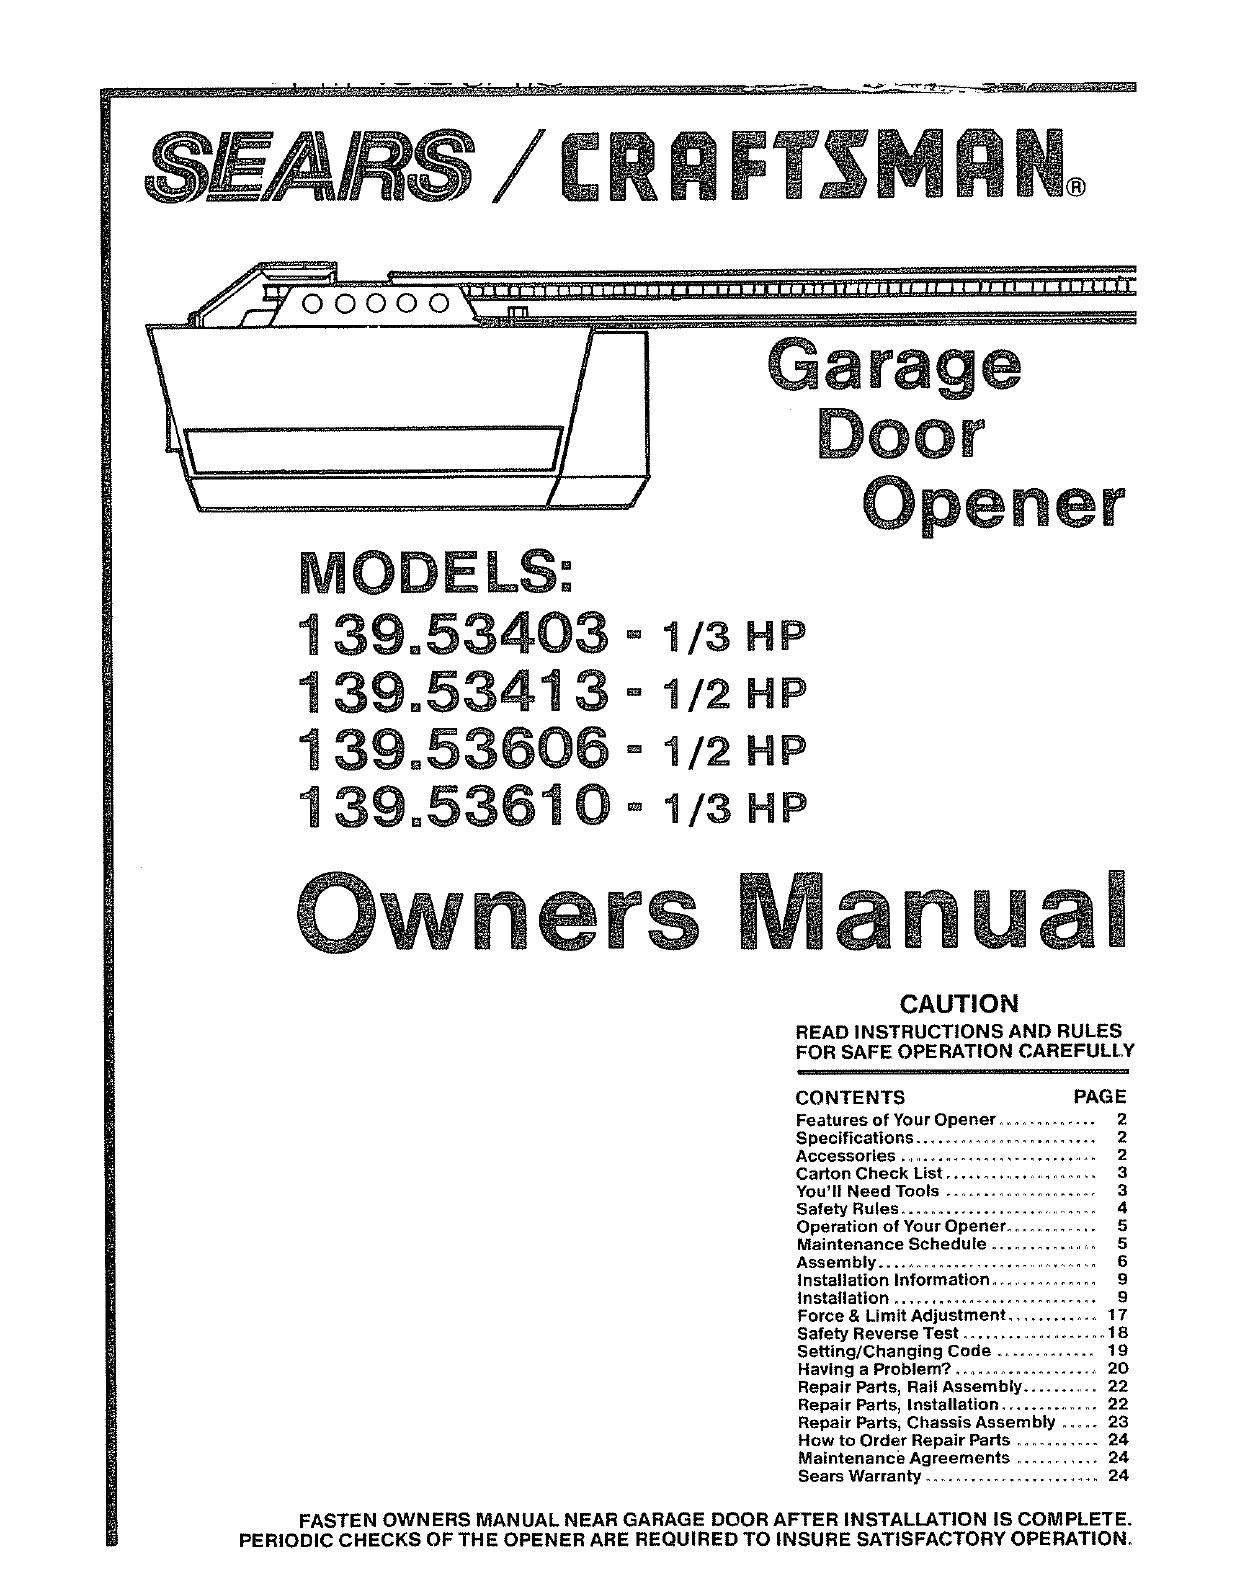 Liftmaster Garage Door Opener Wiring Diagram Craftsman Garage Door Opener 139 User Guide Of Liftmaster Garage Door Opener Wiring Diagram